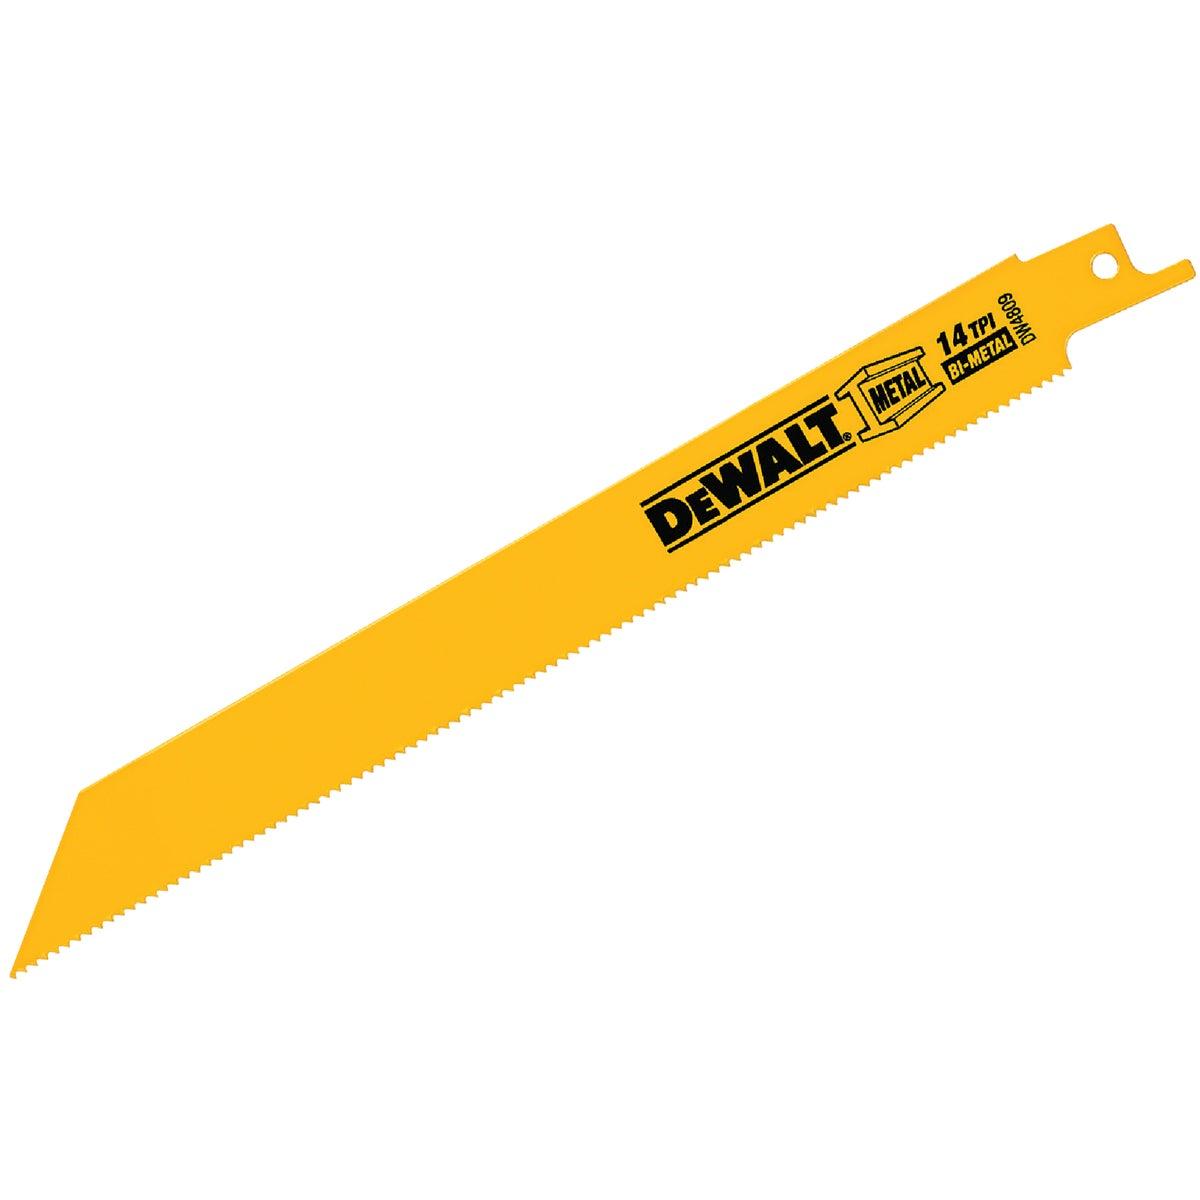 """8"""" 14T RECIP SAW BLADE - DW4809 by DeWalt"""